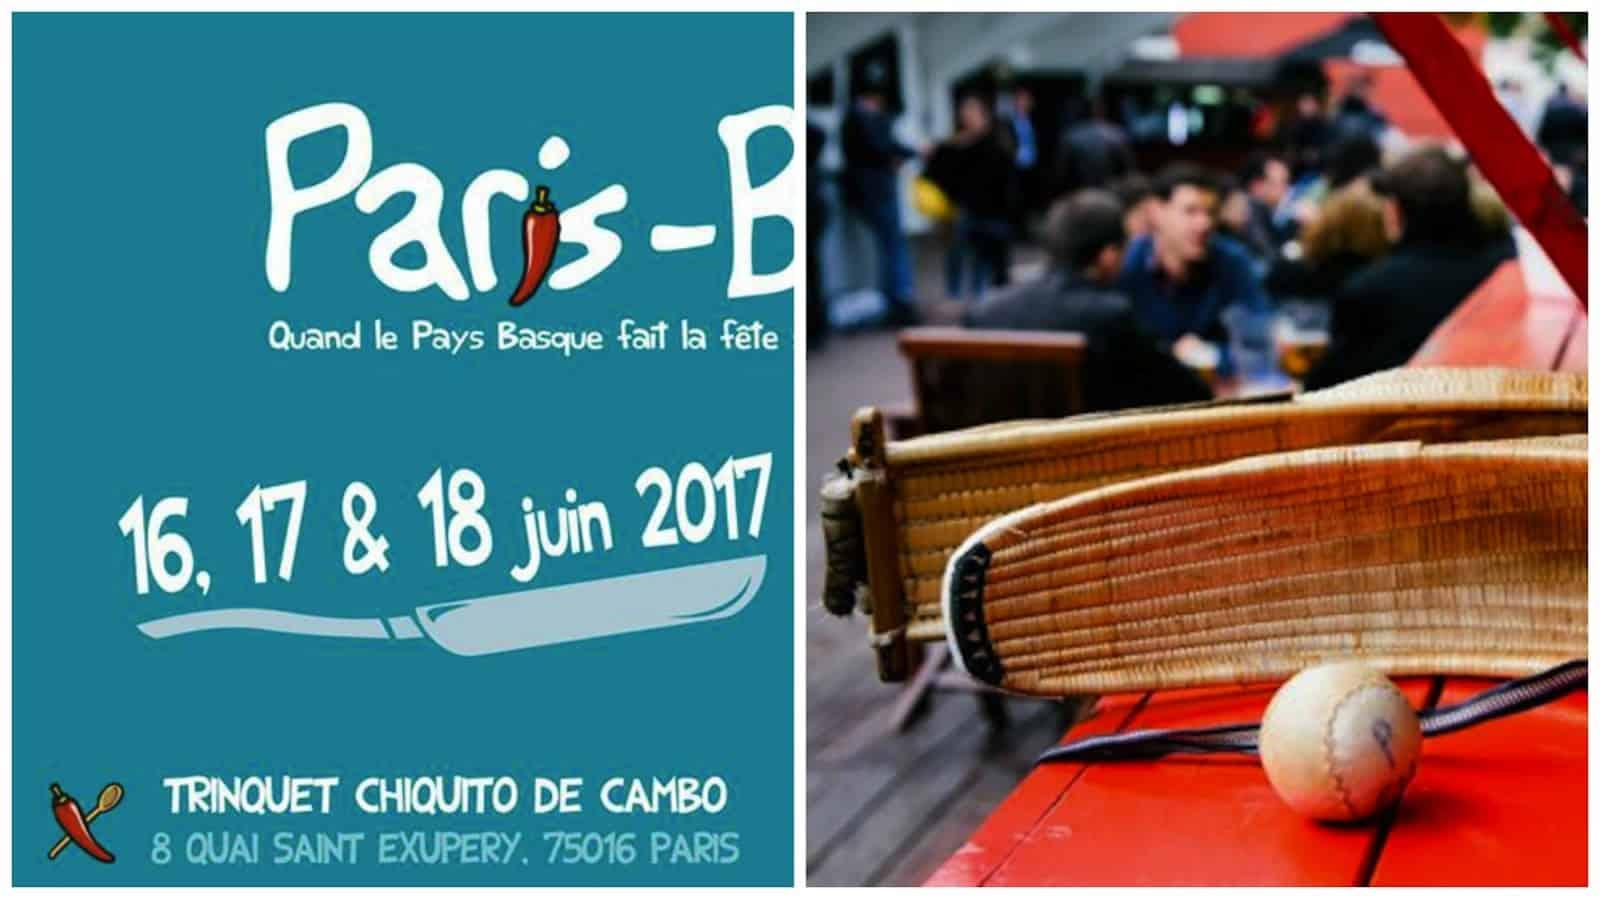 HiP-Paris-Blog-ParisBasque